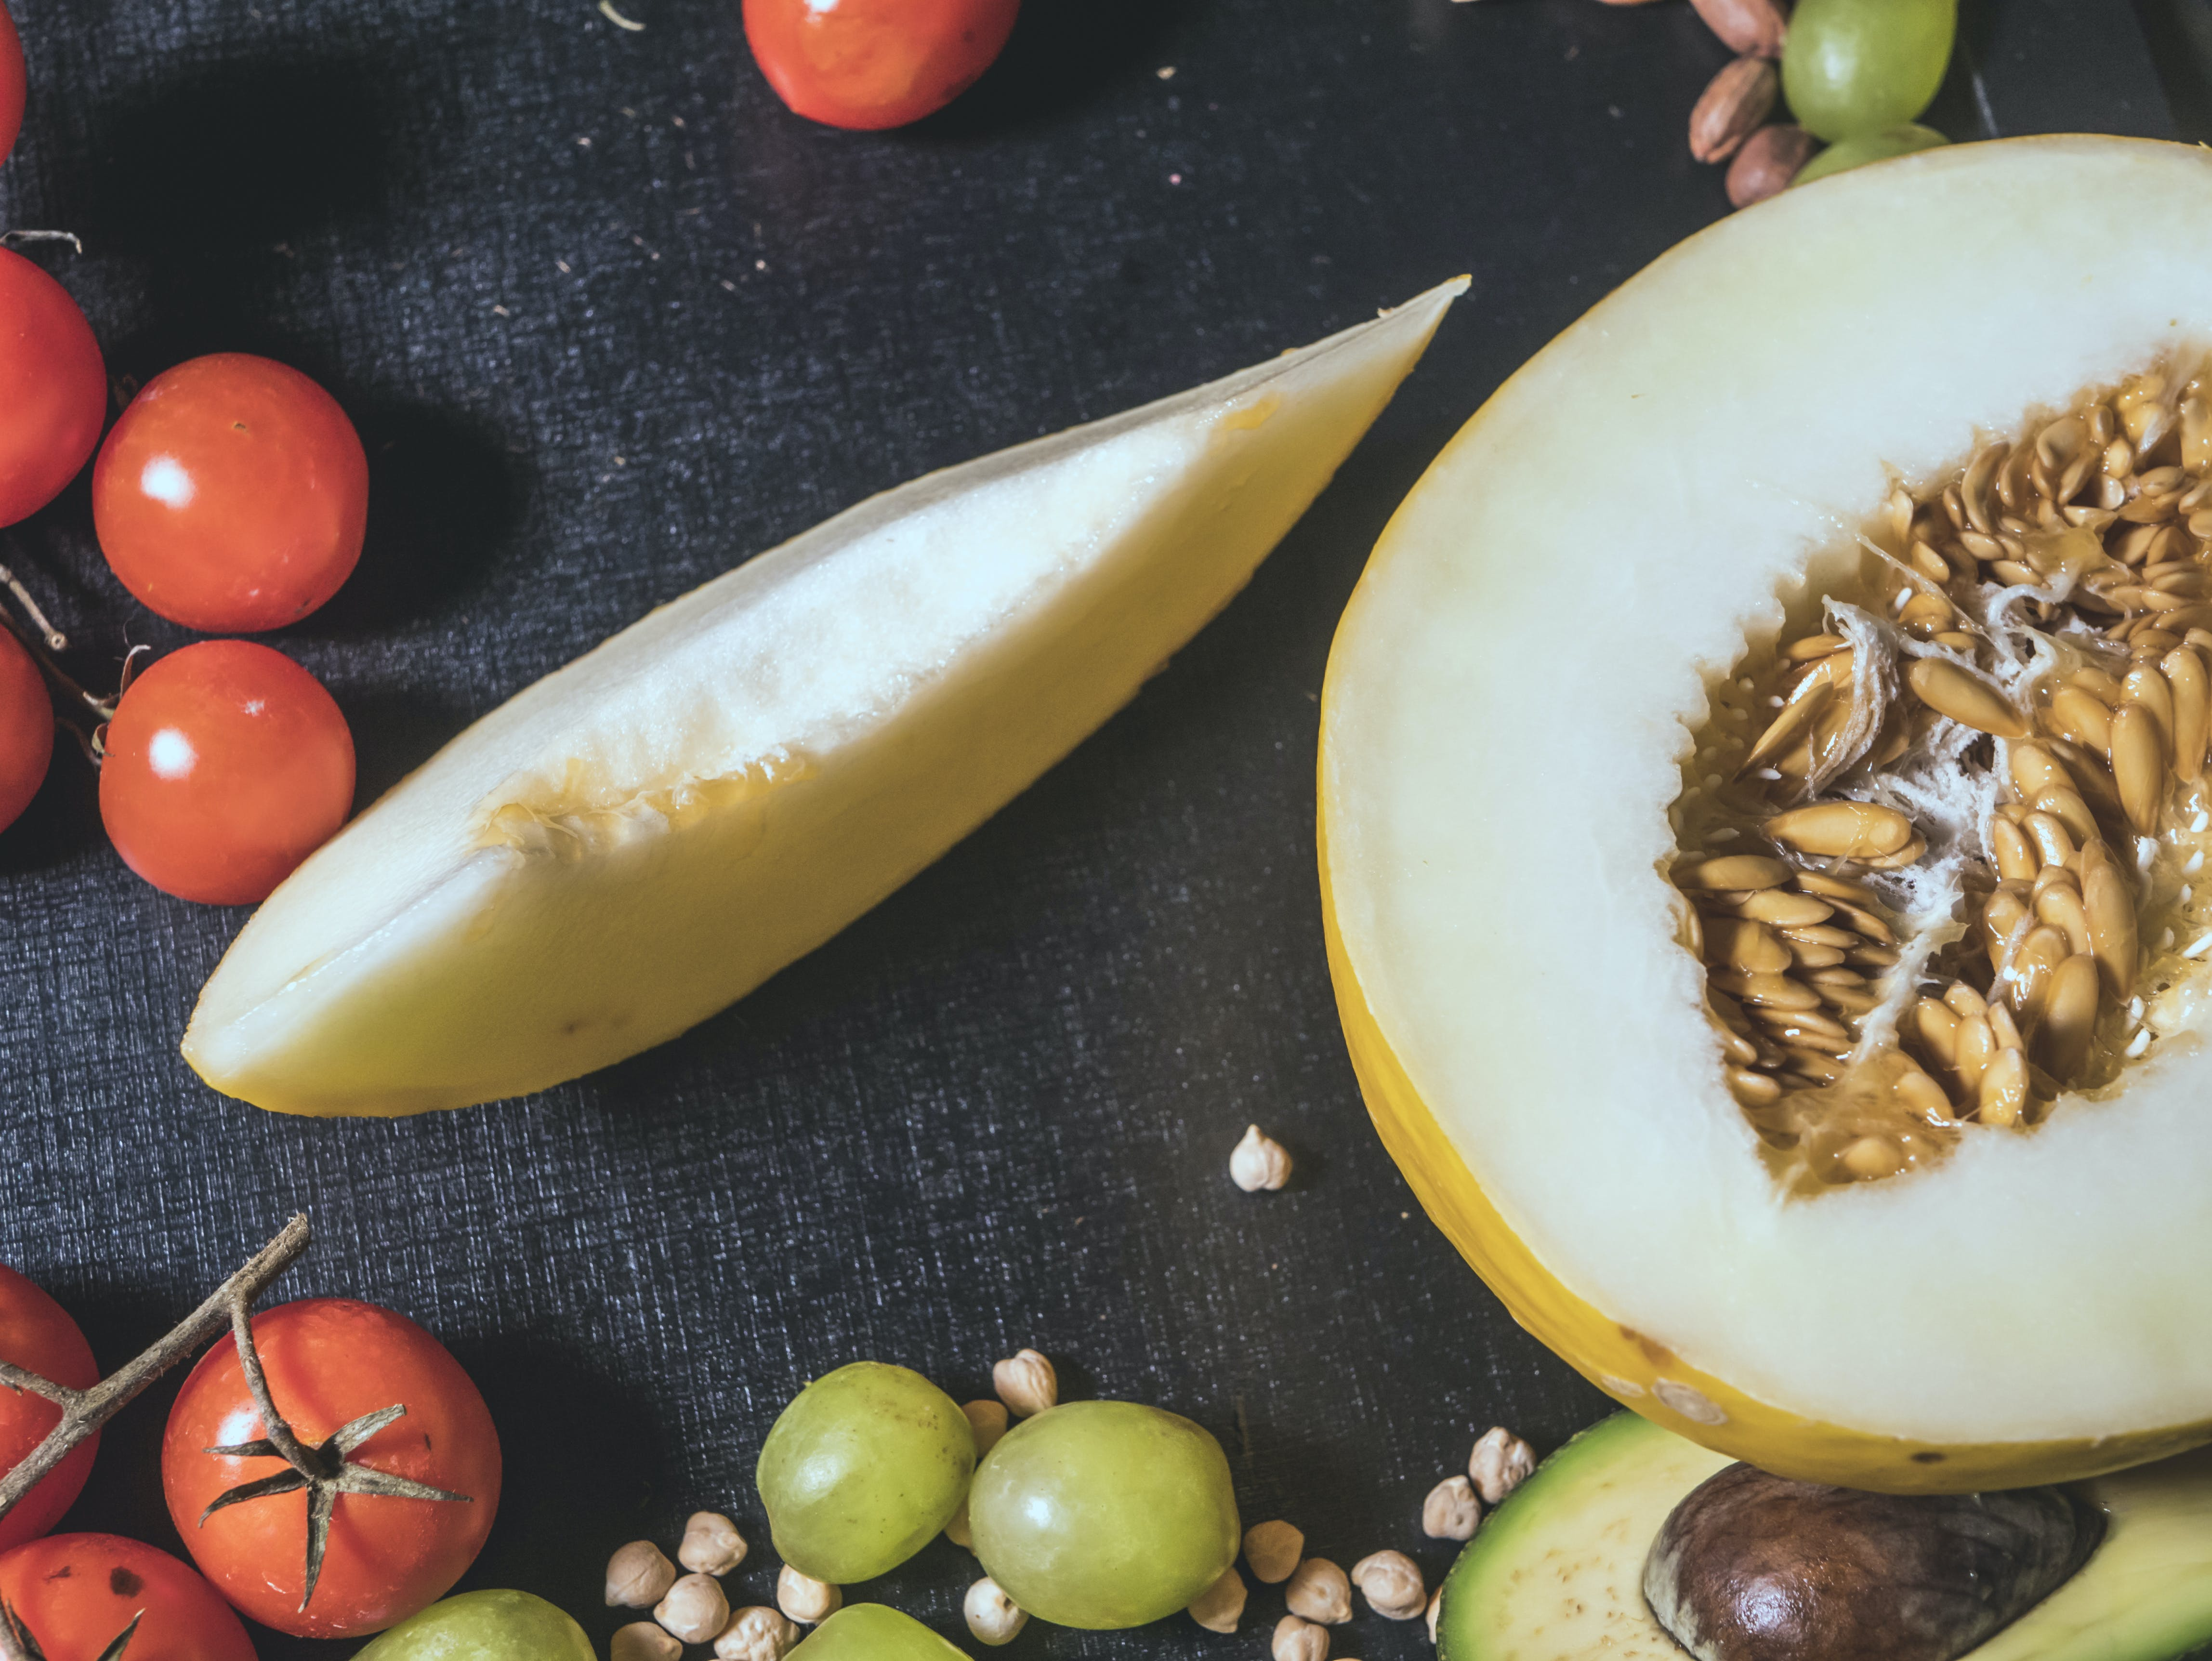 Kostnadsfri bild av annorlunda, avokado, blandad, diet